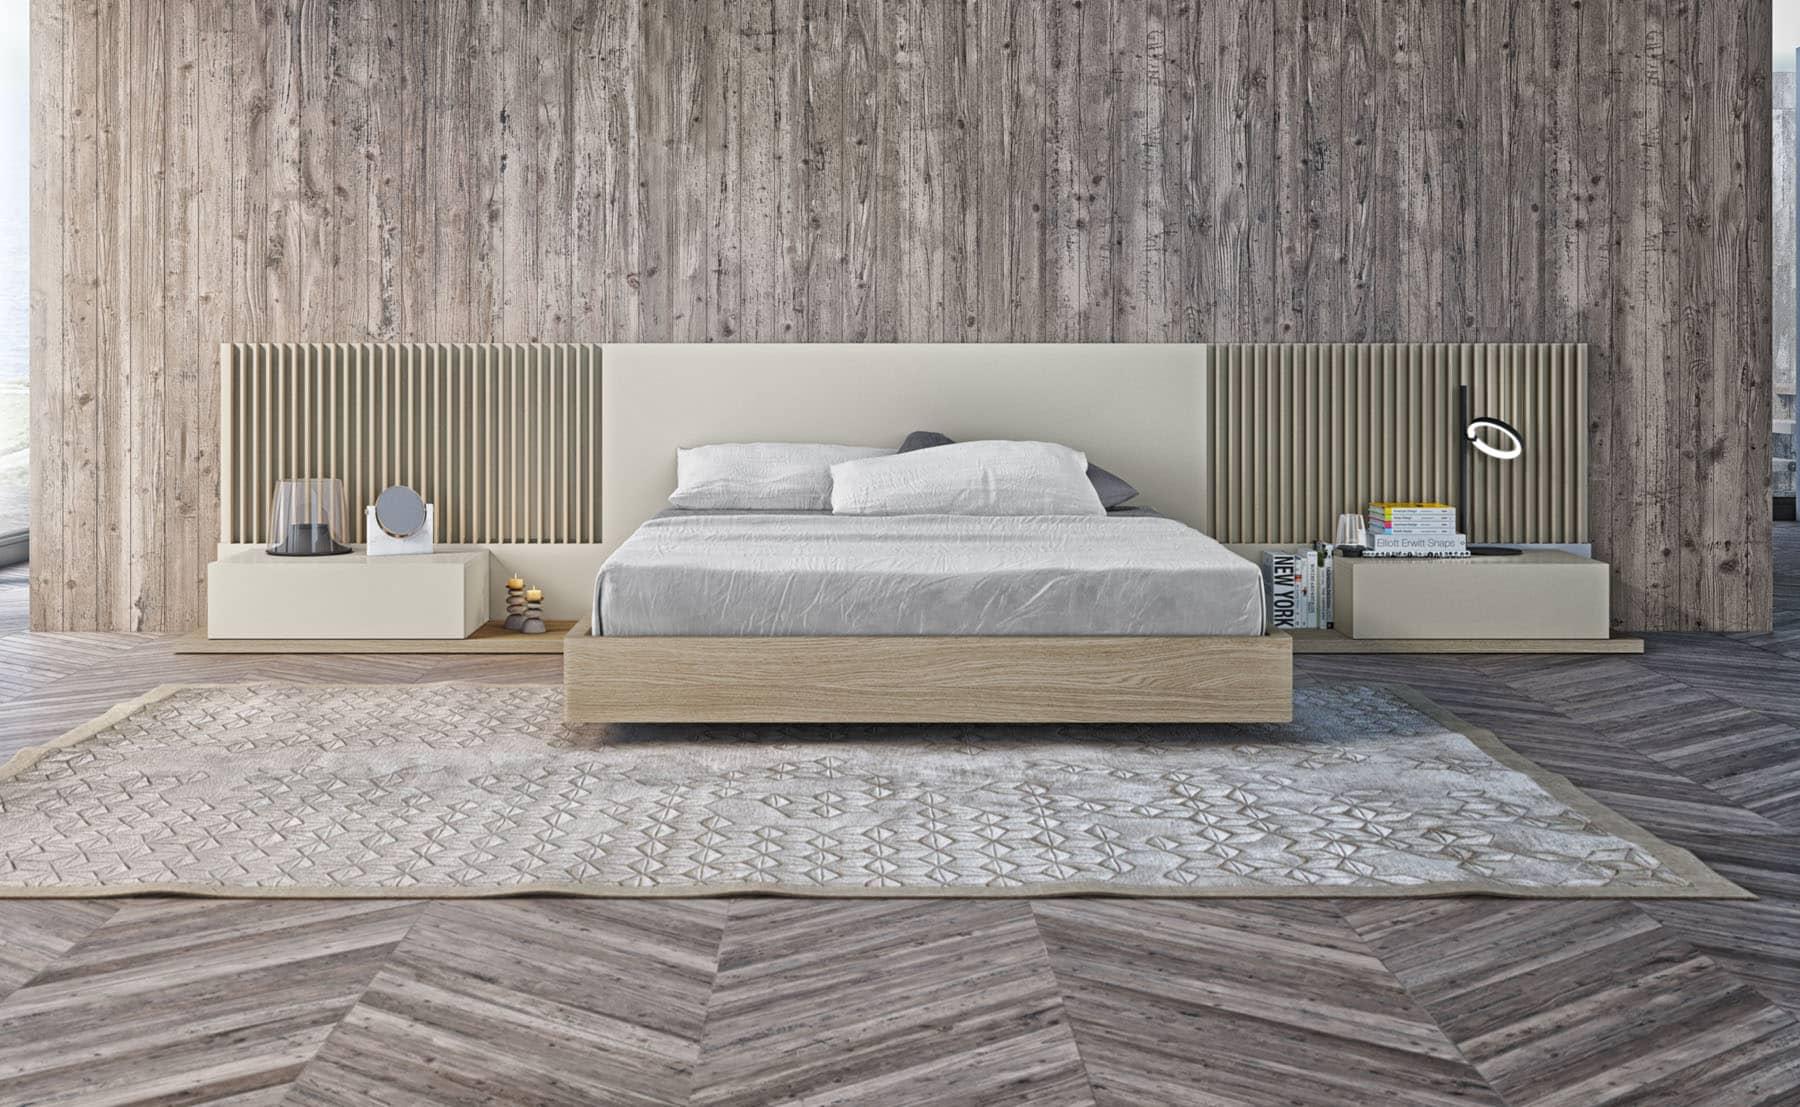 Tienda de muebles en zaragoza r stica ambientes - Stanze da letto usate ...